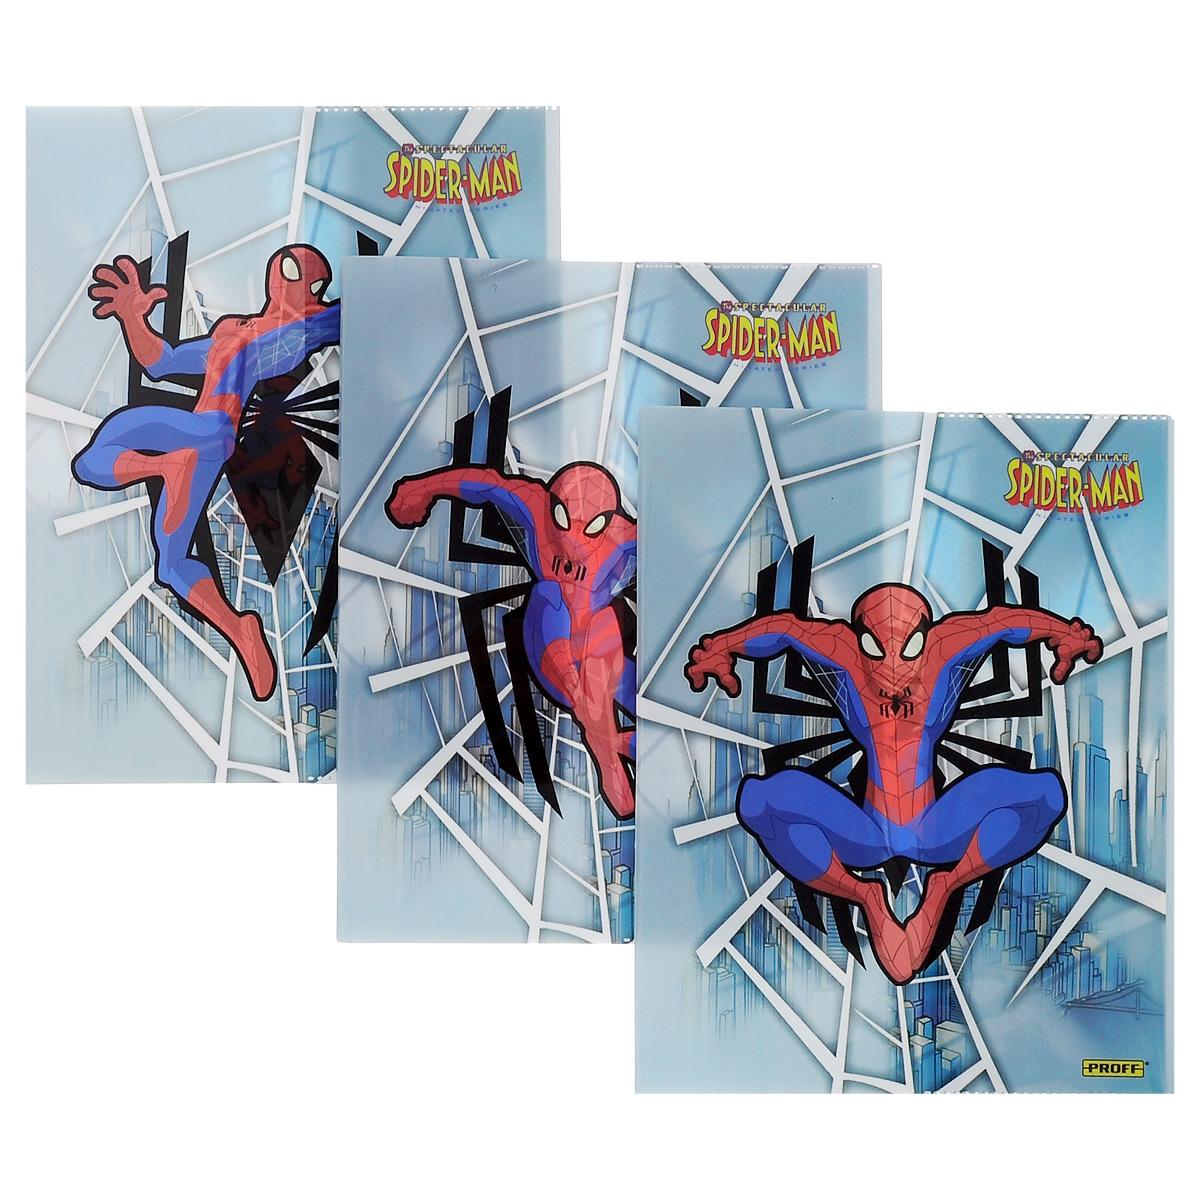 Прочная обложка Proff Spider-Man, изготовленная из ПВХ, защитит поверхность тетради или дневника от изнашивания и загрязнений. Изделие оформлено ярким изображением любимого супергероя.